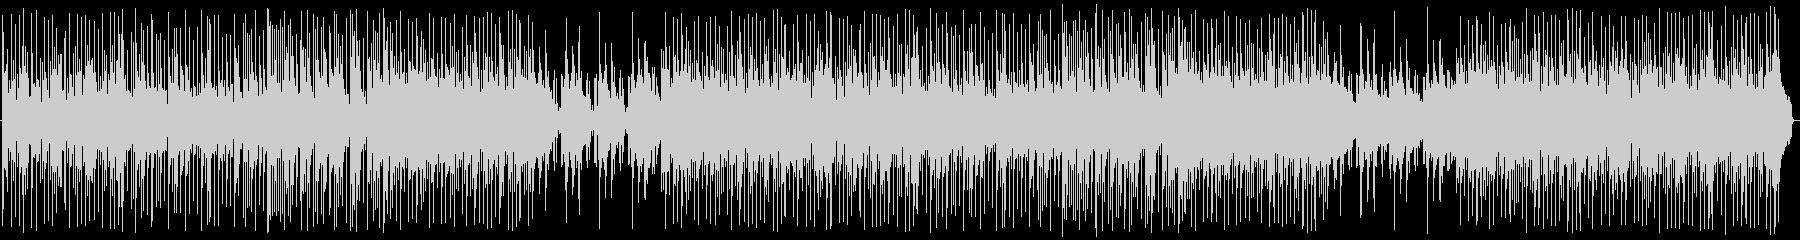 アコースティックギターのピッキング...の未再生の波形